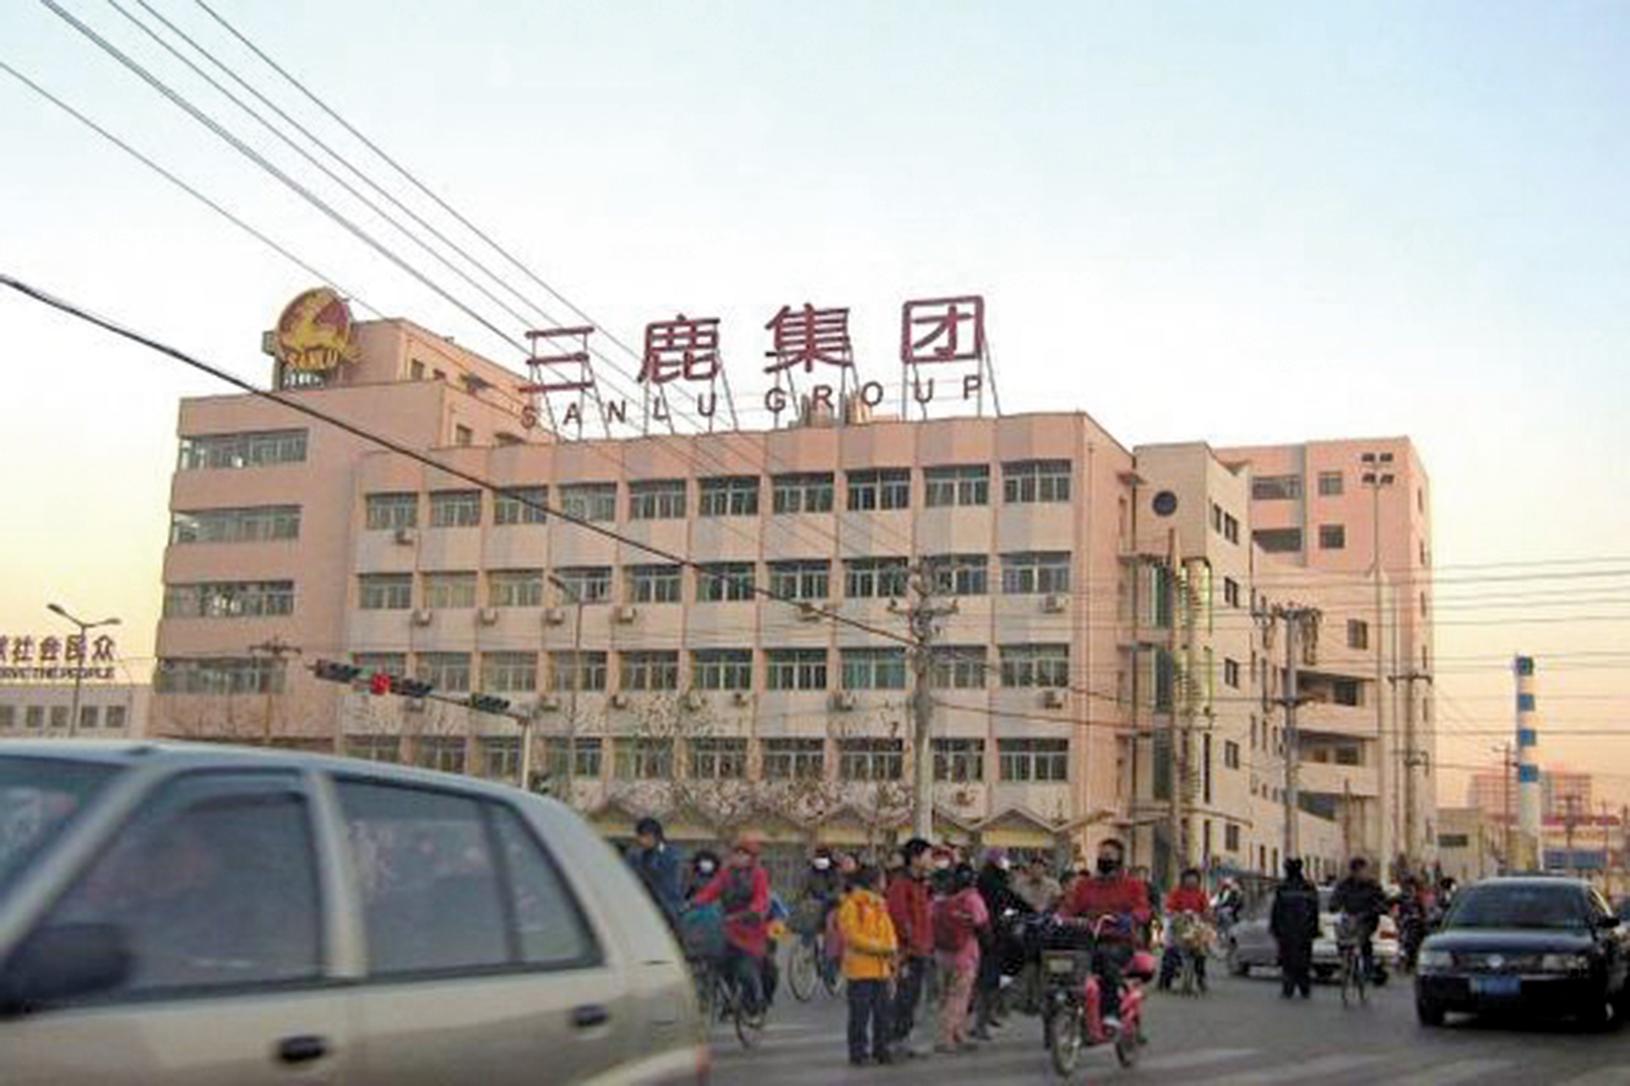 號稱中國奶業三巨頭之一的三鹿集團,生產、銷售含有三聚氰胺的乳製品,結果導致全國大量嬰幼兒患腎結石。(Getty Images)